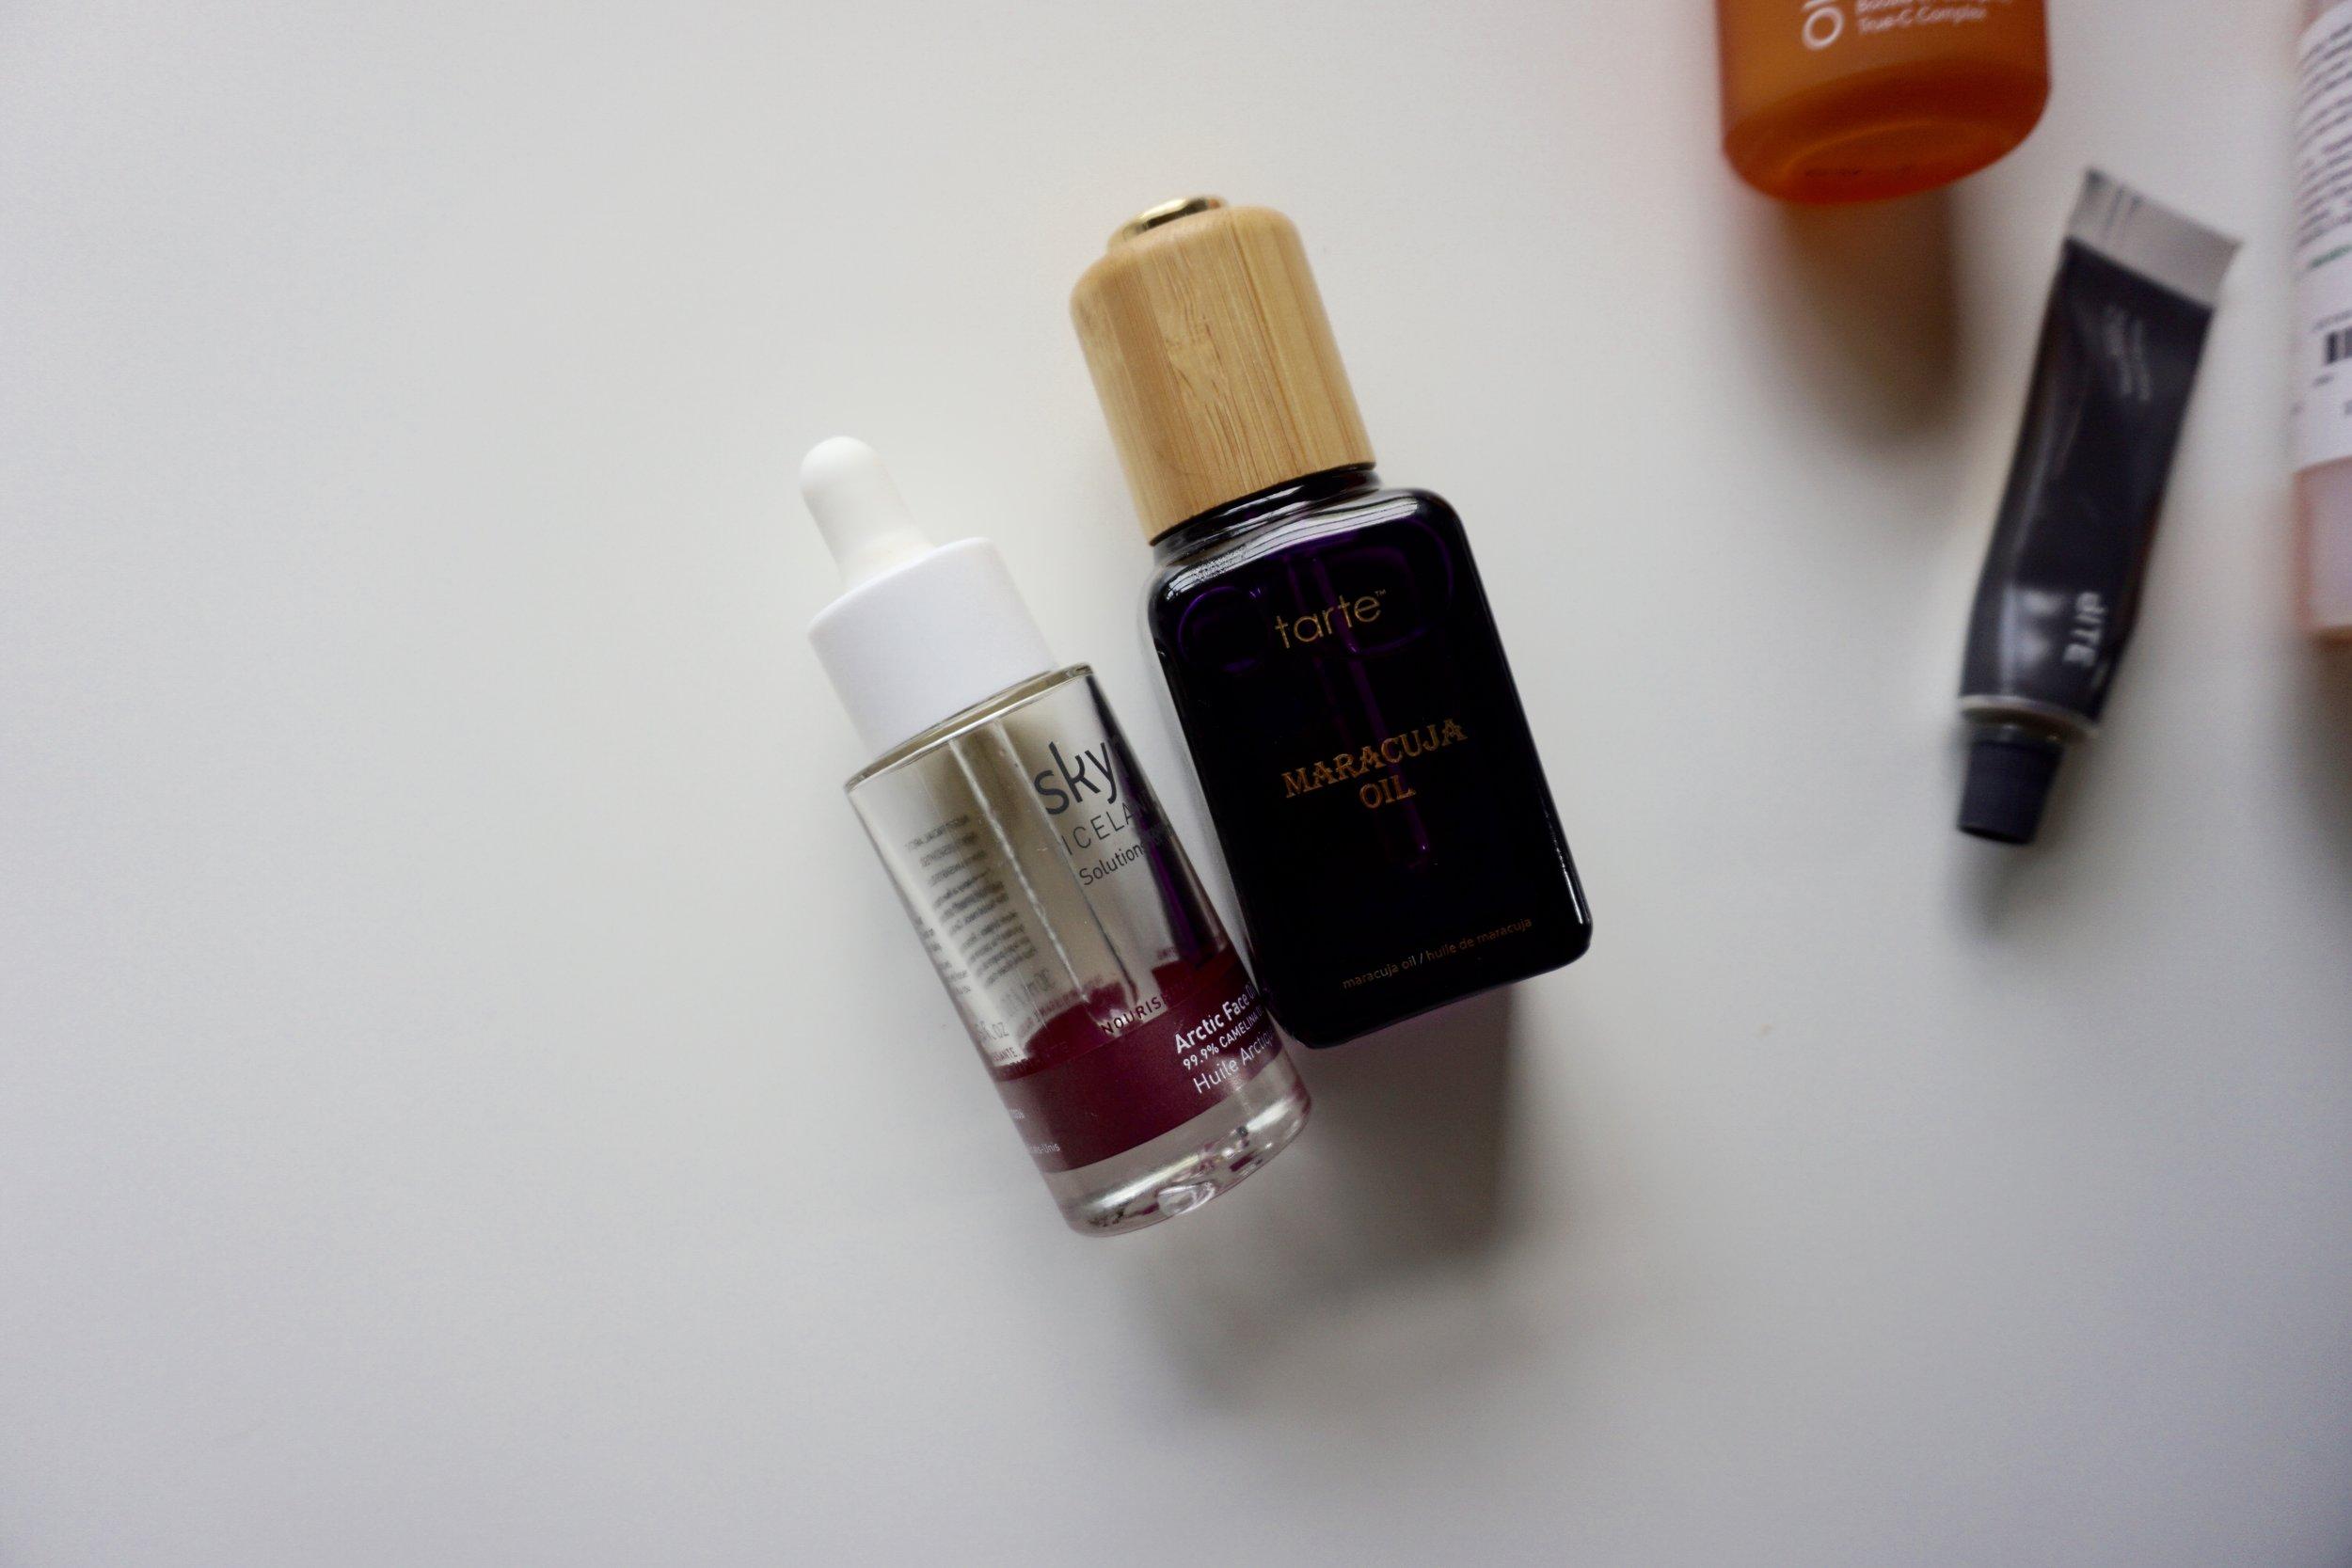 maracuja oil vs artic oil tarte vs skyn iceland